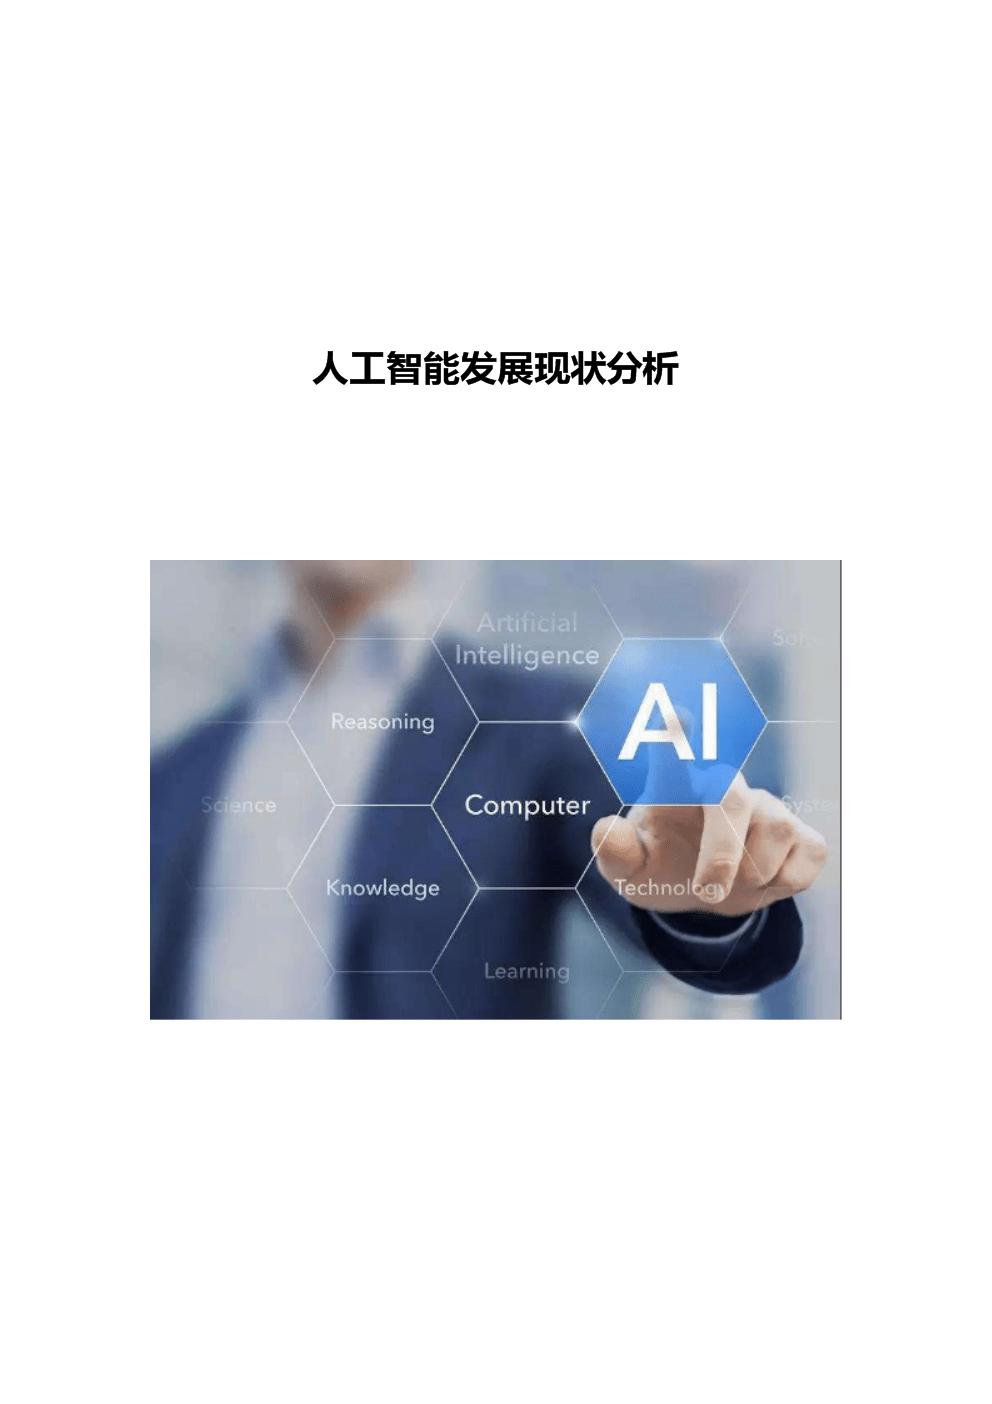 人工智能发展现状分析.docx